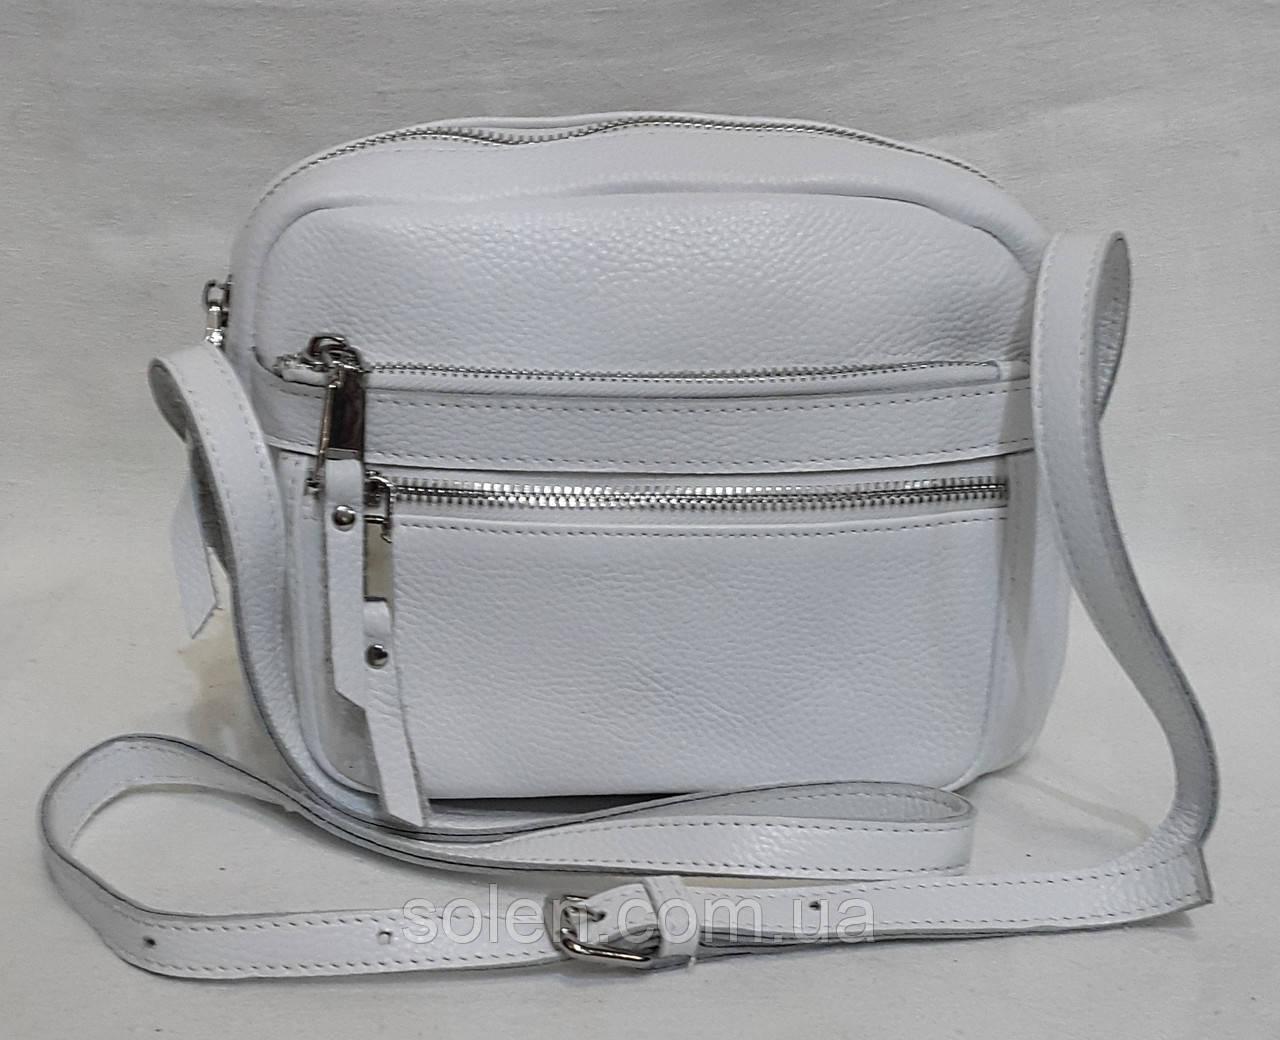 Сумка - клатч з натуральної шкіри.Маленька шкіряна сумочка. Клатч